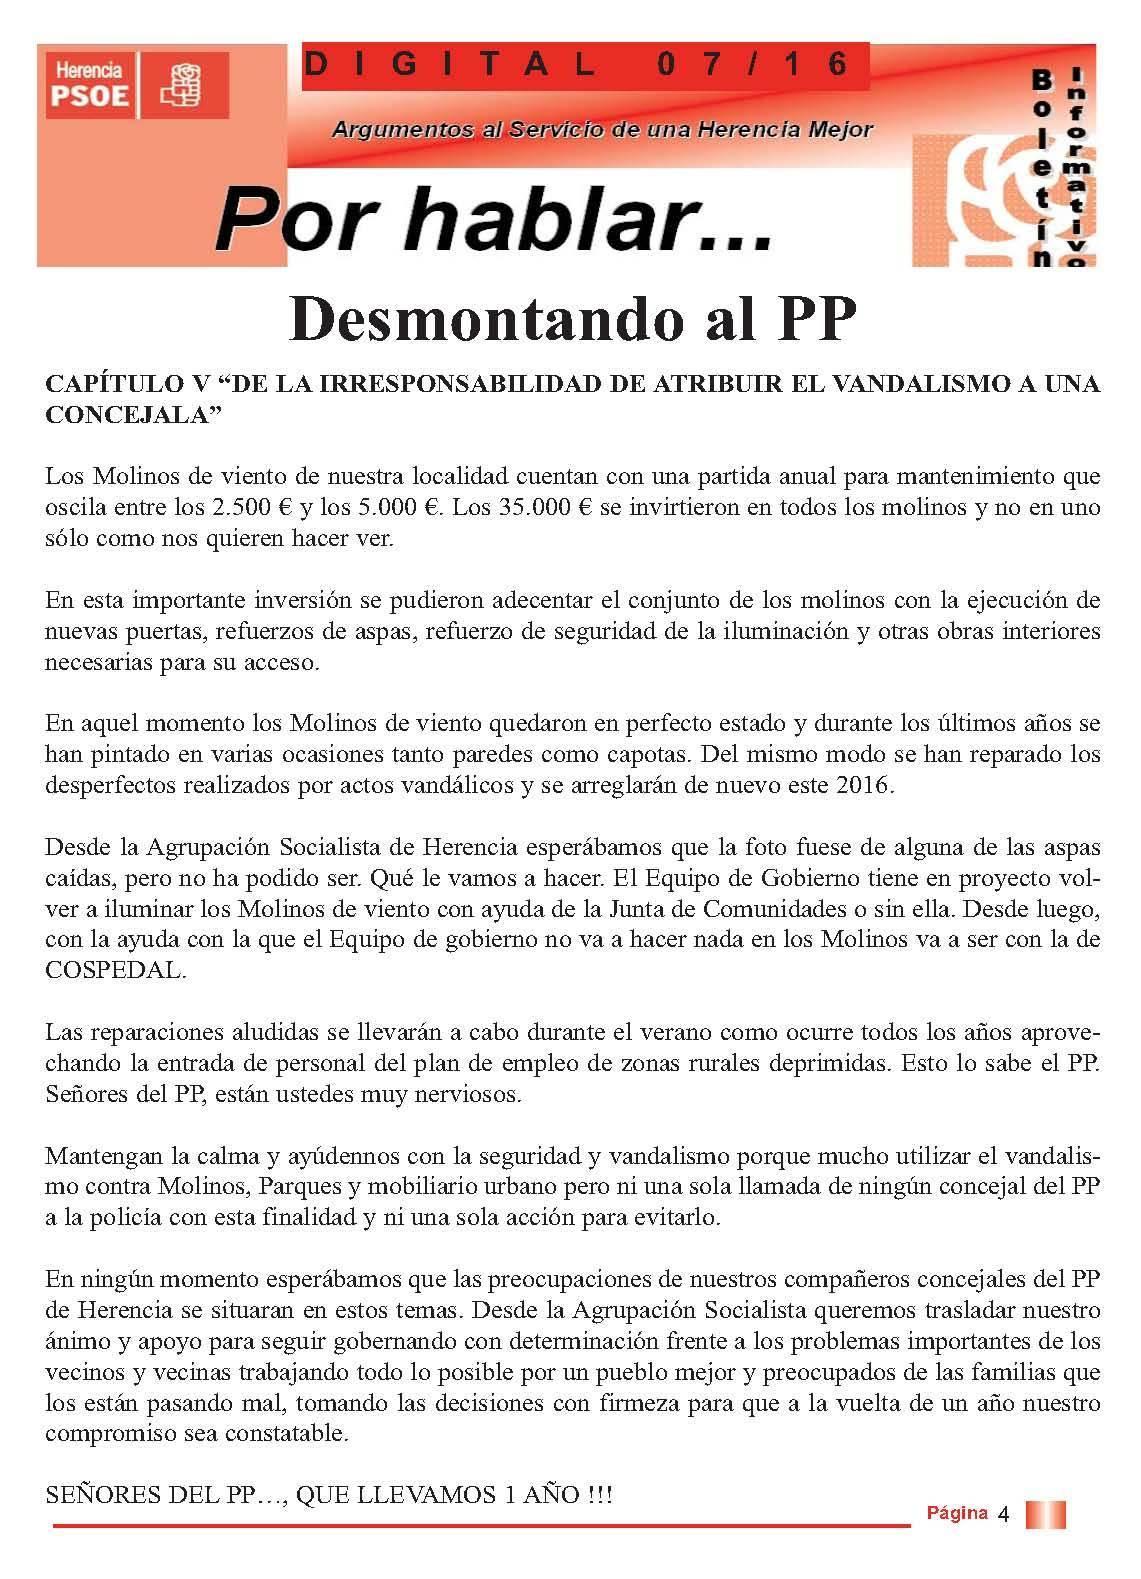 boletin informatico psoe herencia - desmontando al pp 4